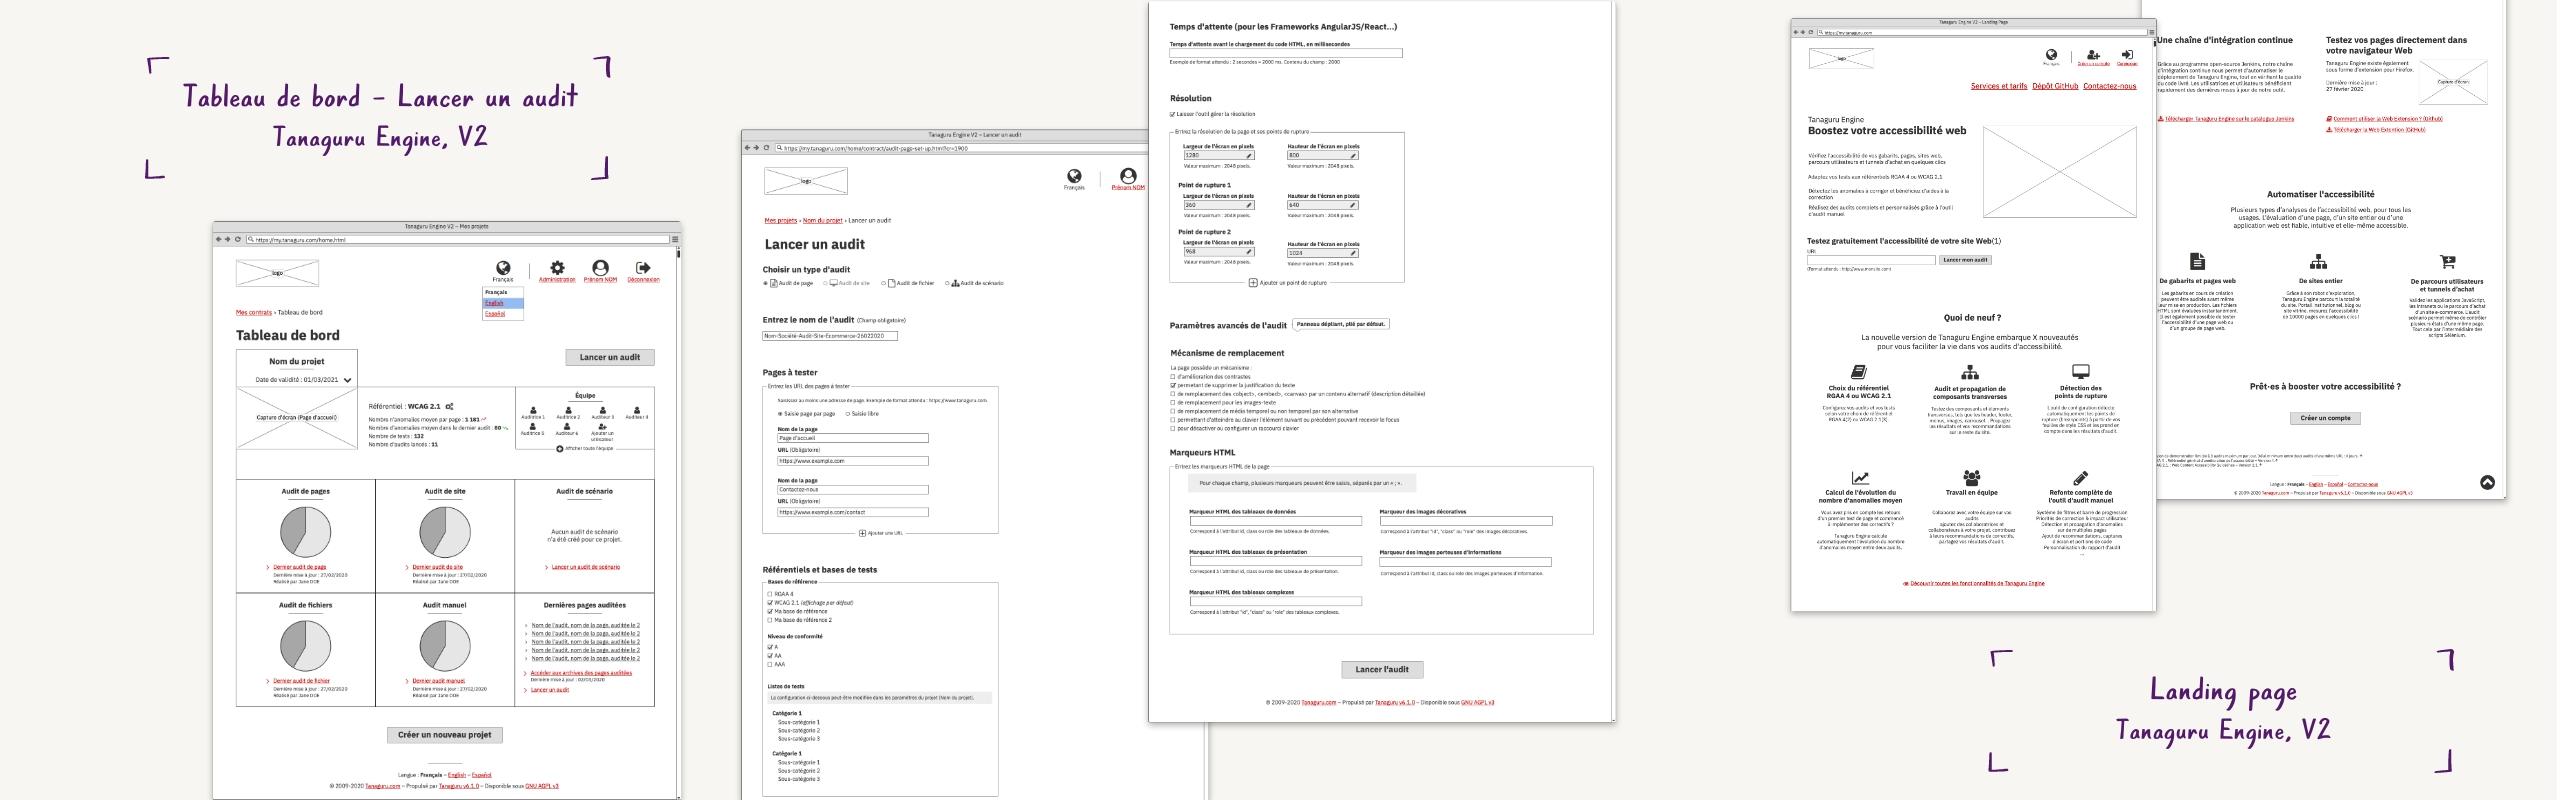 Wireframes : Tableau de bord – Lancer un audit, Landing page – Tanaguru Engine, V2